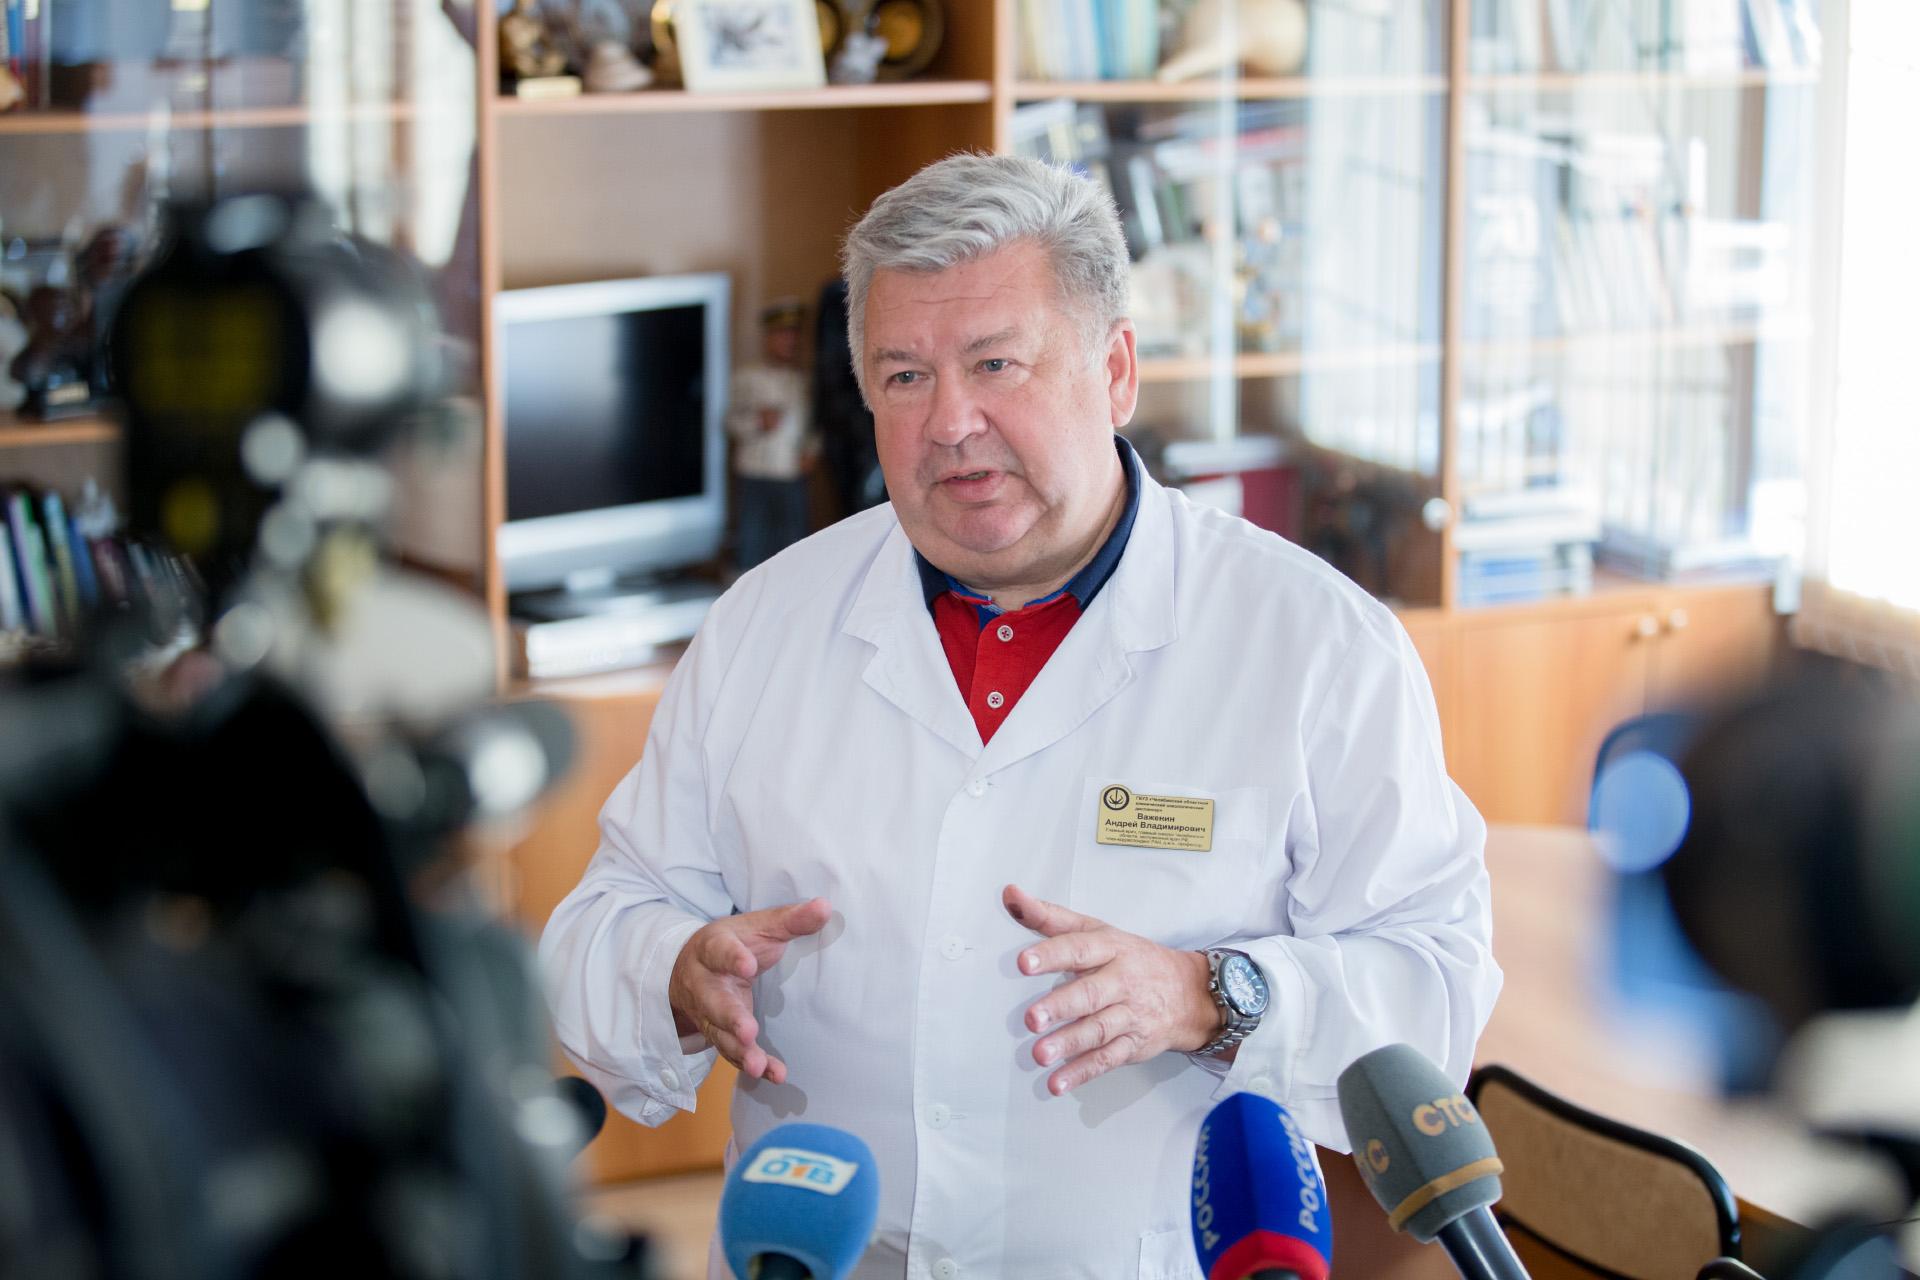 По словам Андрея Важенина, подход к лечению пациентов становится более индивидуальным